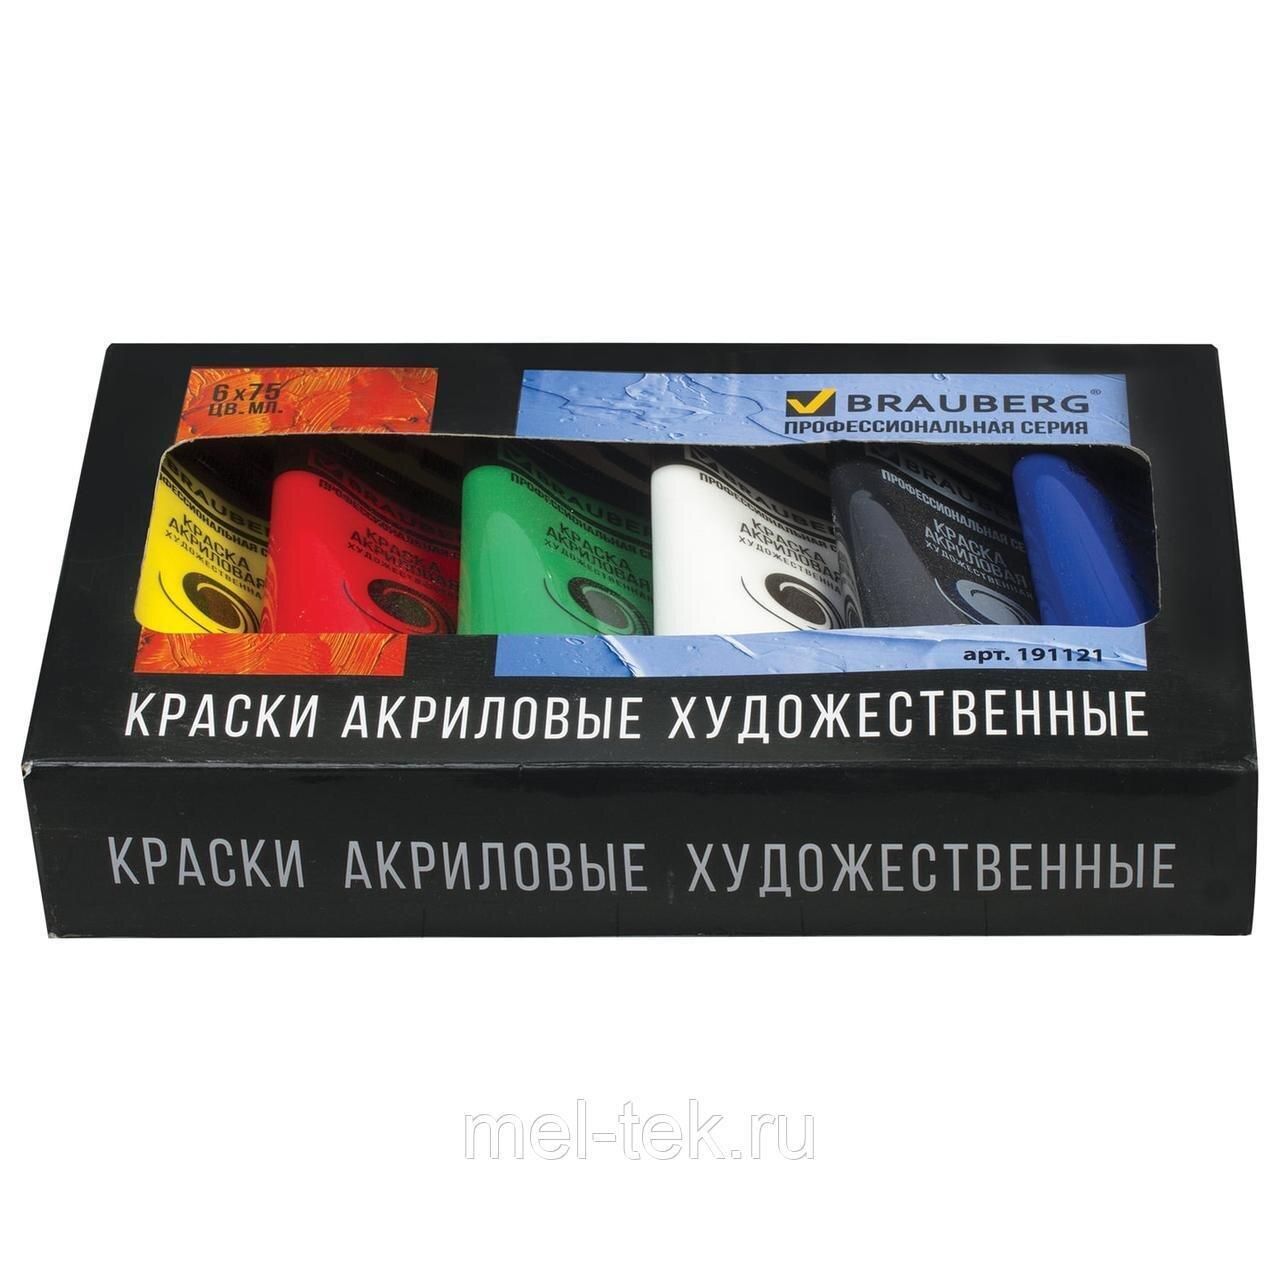 """Краски акриловые художественные BRAUBERG ART """"CLASSIC"""", НАБОР 6 цветов по 75 мл, в тубах."""